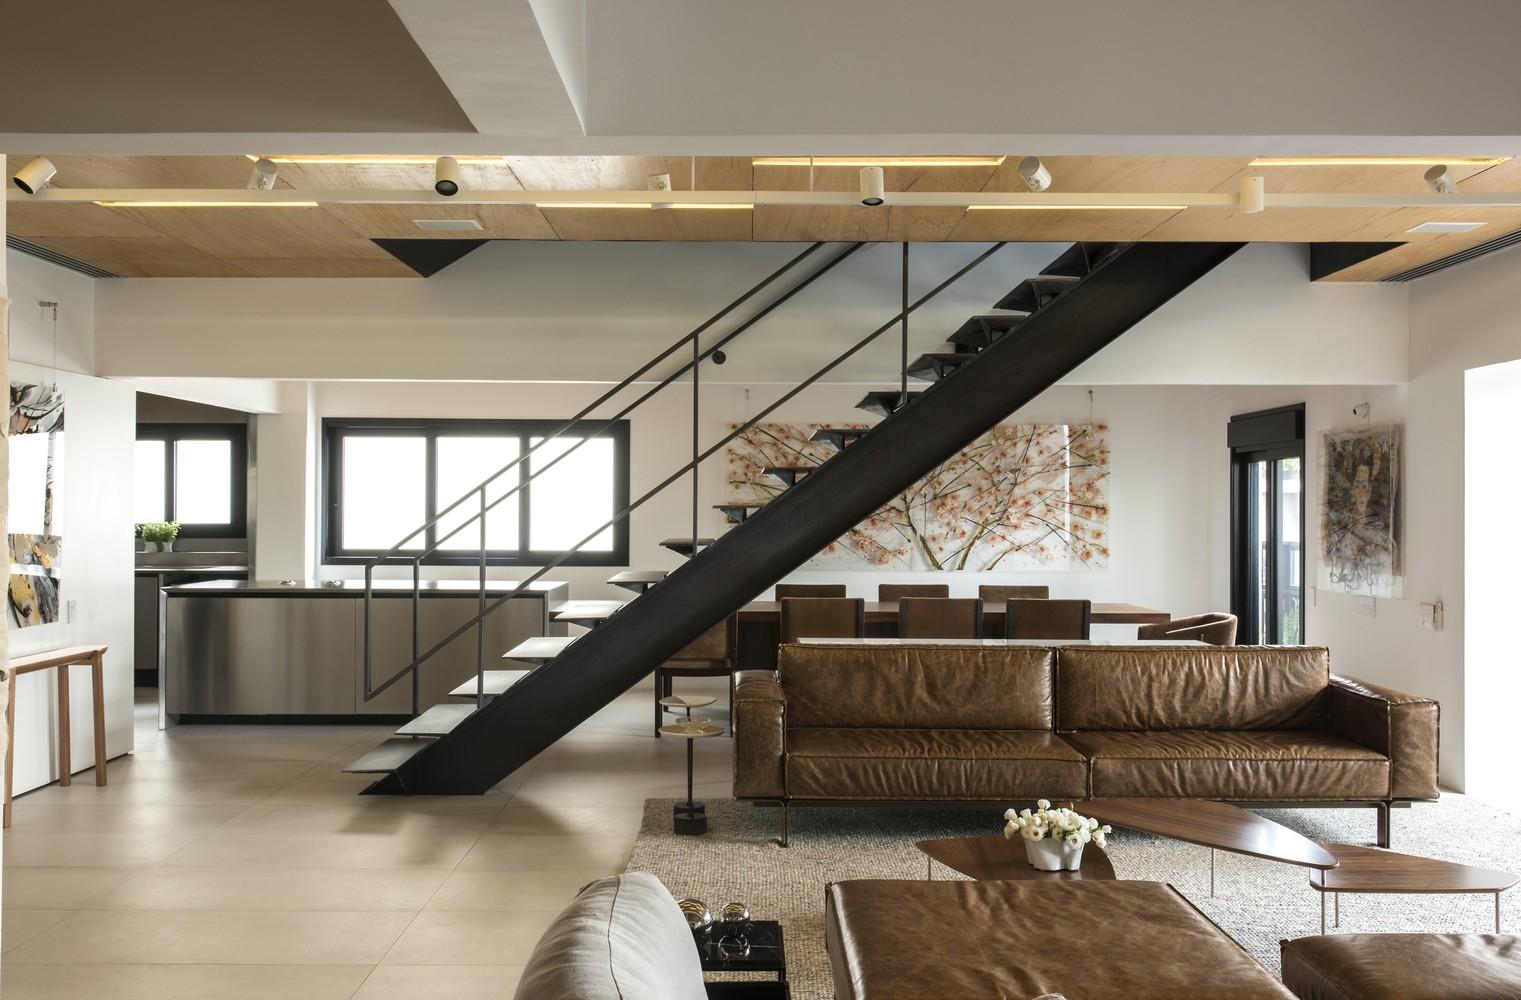 Escada reta, em L ou caracol? Saiba qual o melhor tipo para a sua casa (Foto: Romulo Fialdini/Divulgação)